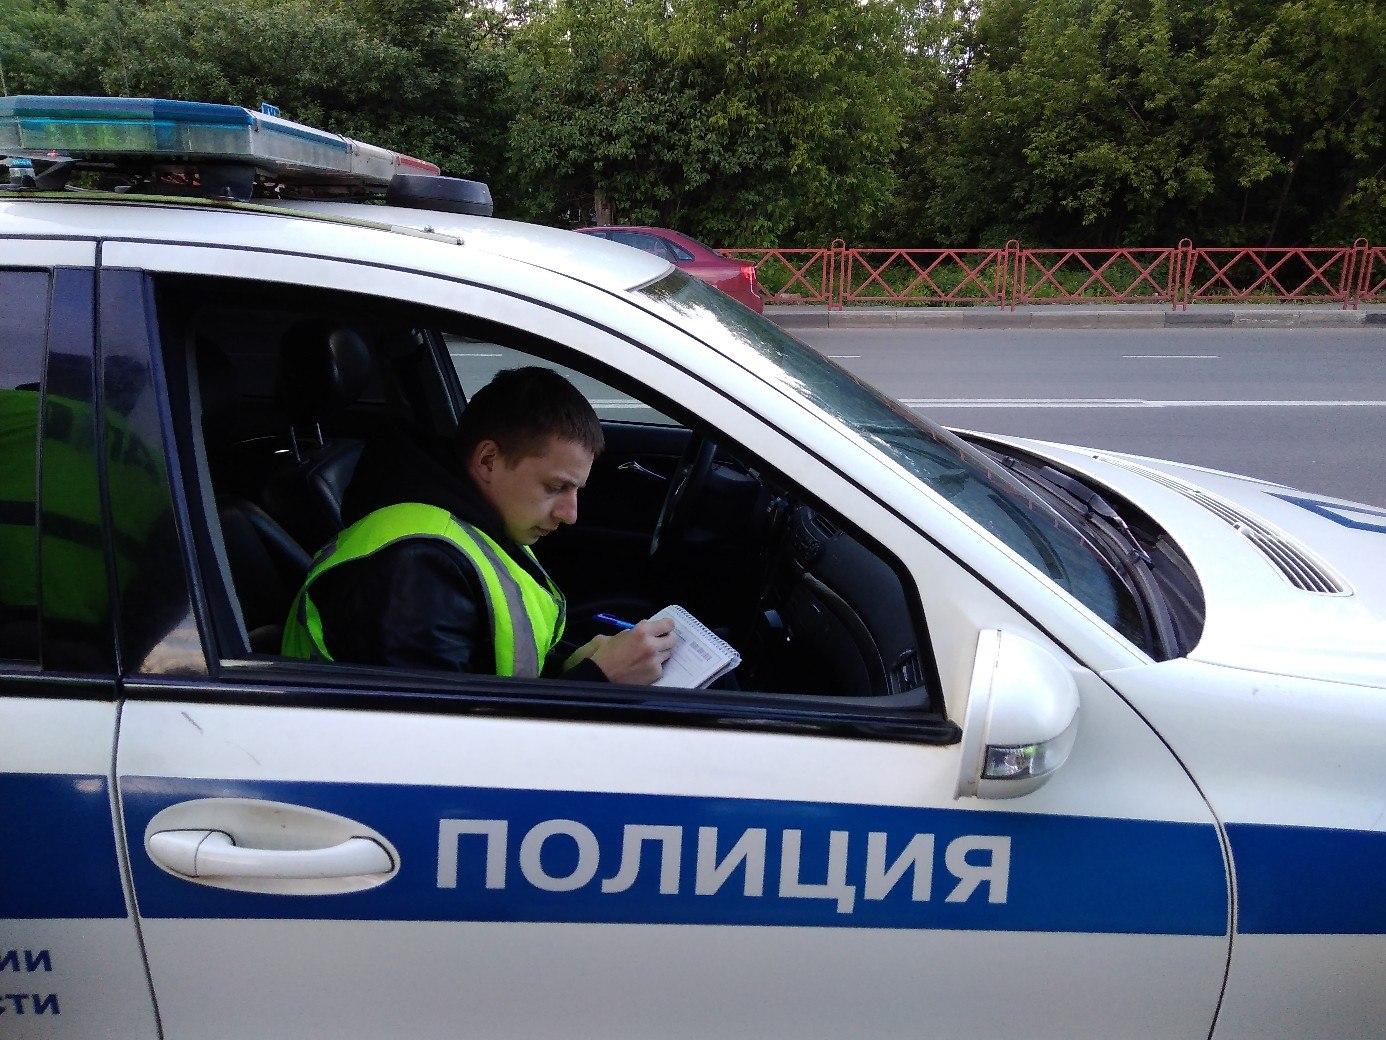 За излишнюю тонировку водителям выписывают по 500 рублей штрафа и требование устранить нарушение